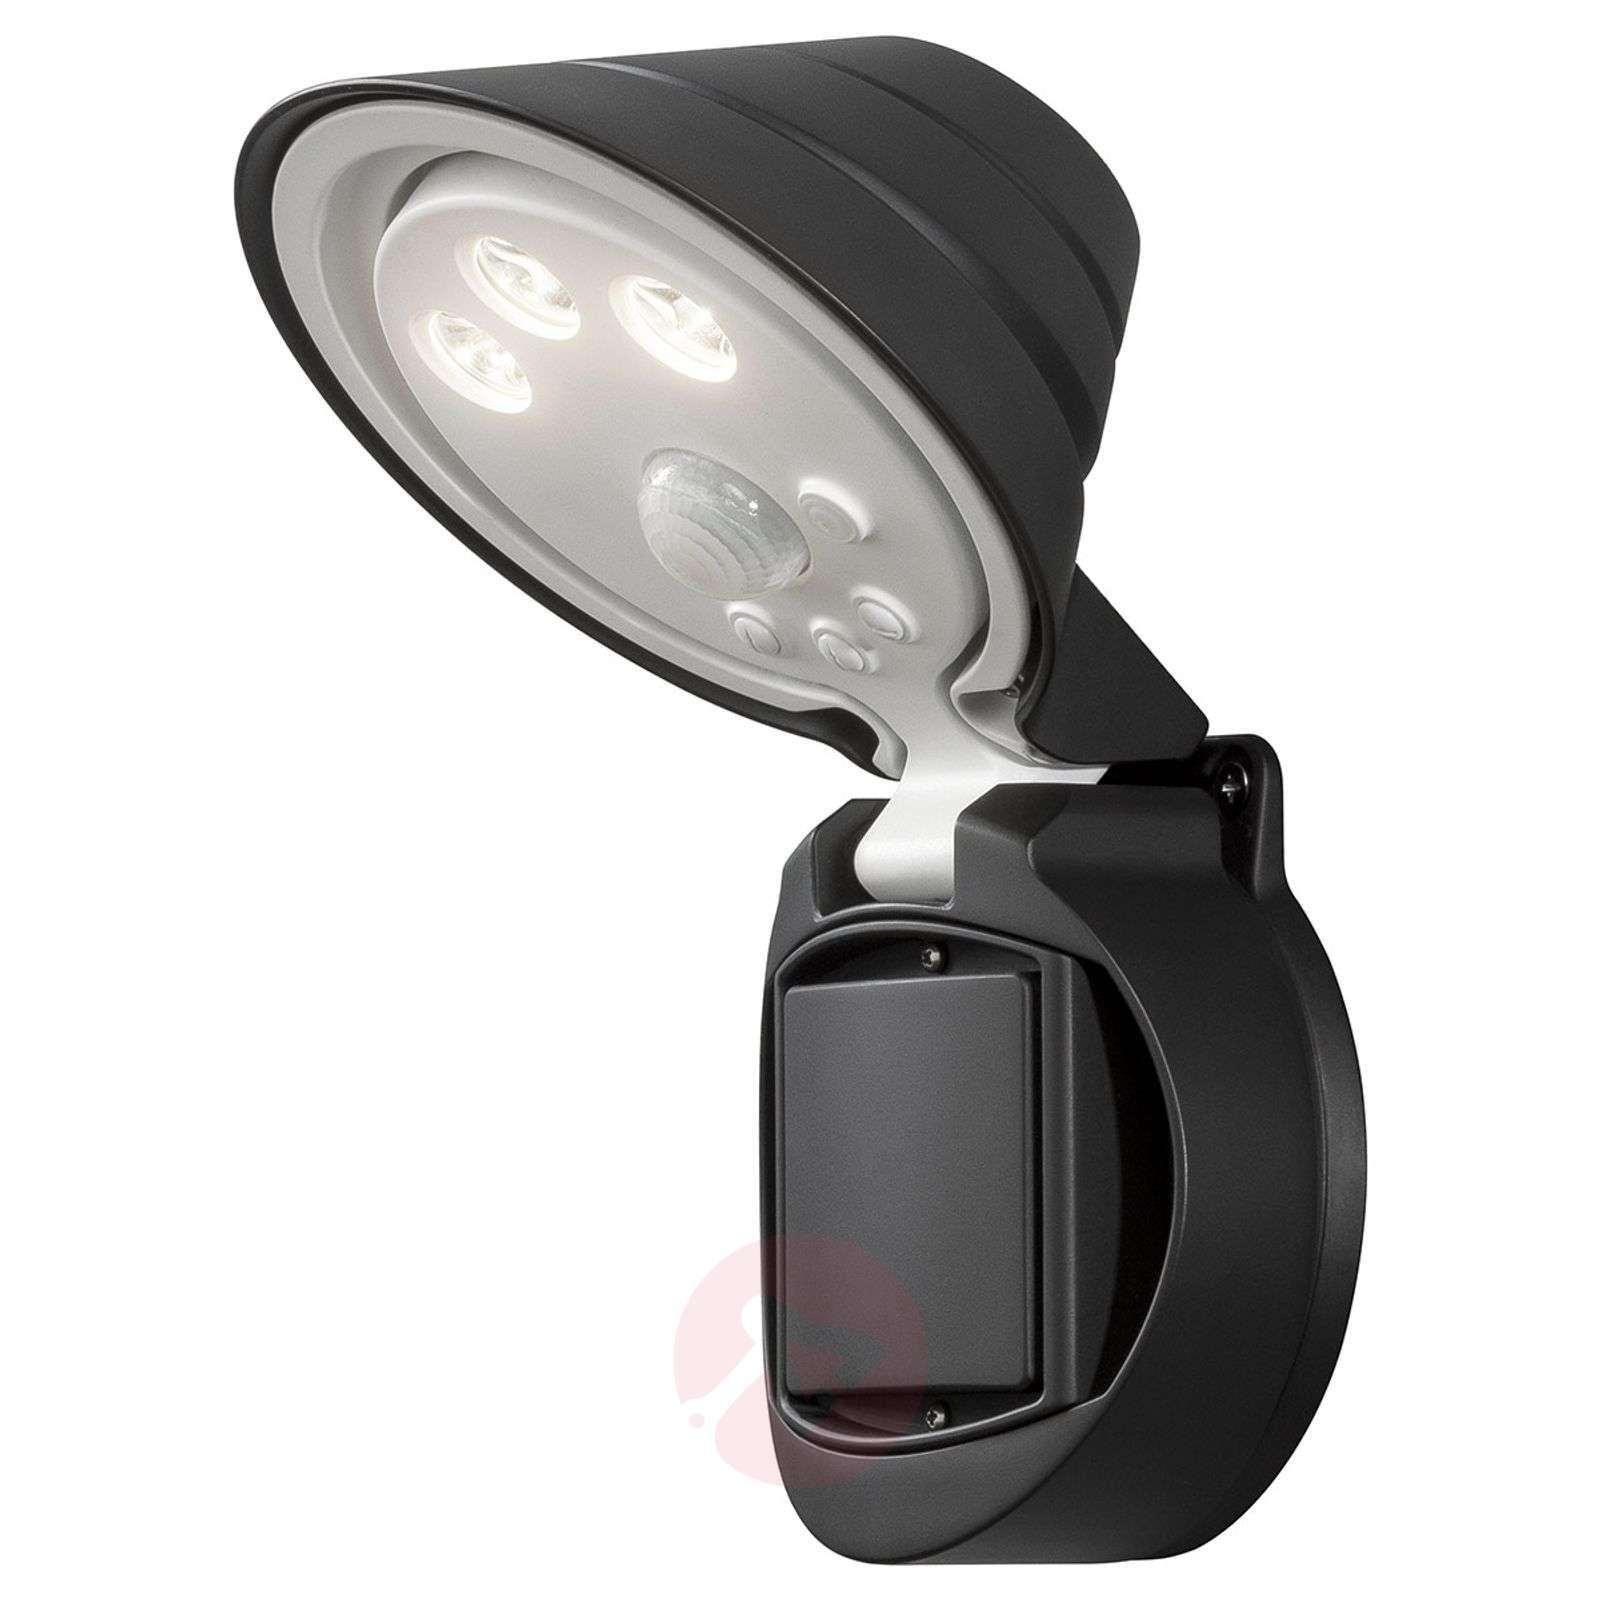 Prato LED outdoor spotlight, battery 16 cm wide-5522515-01